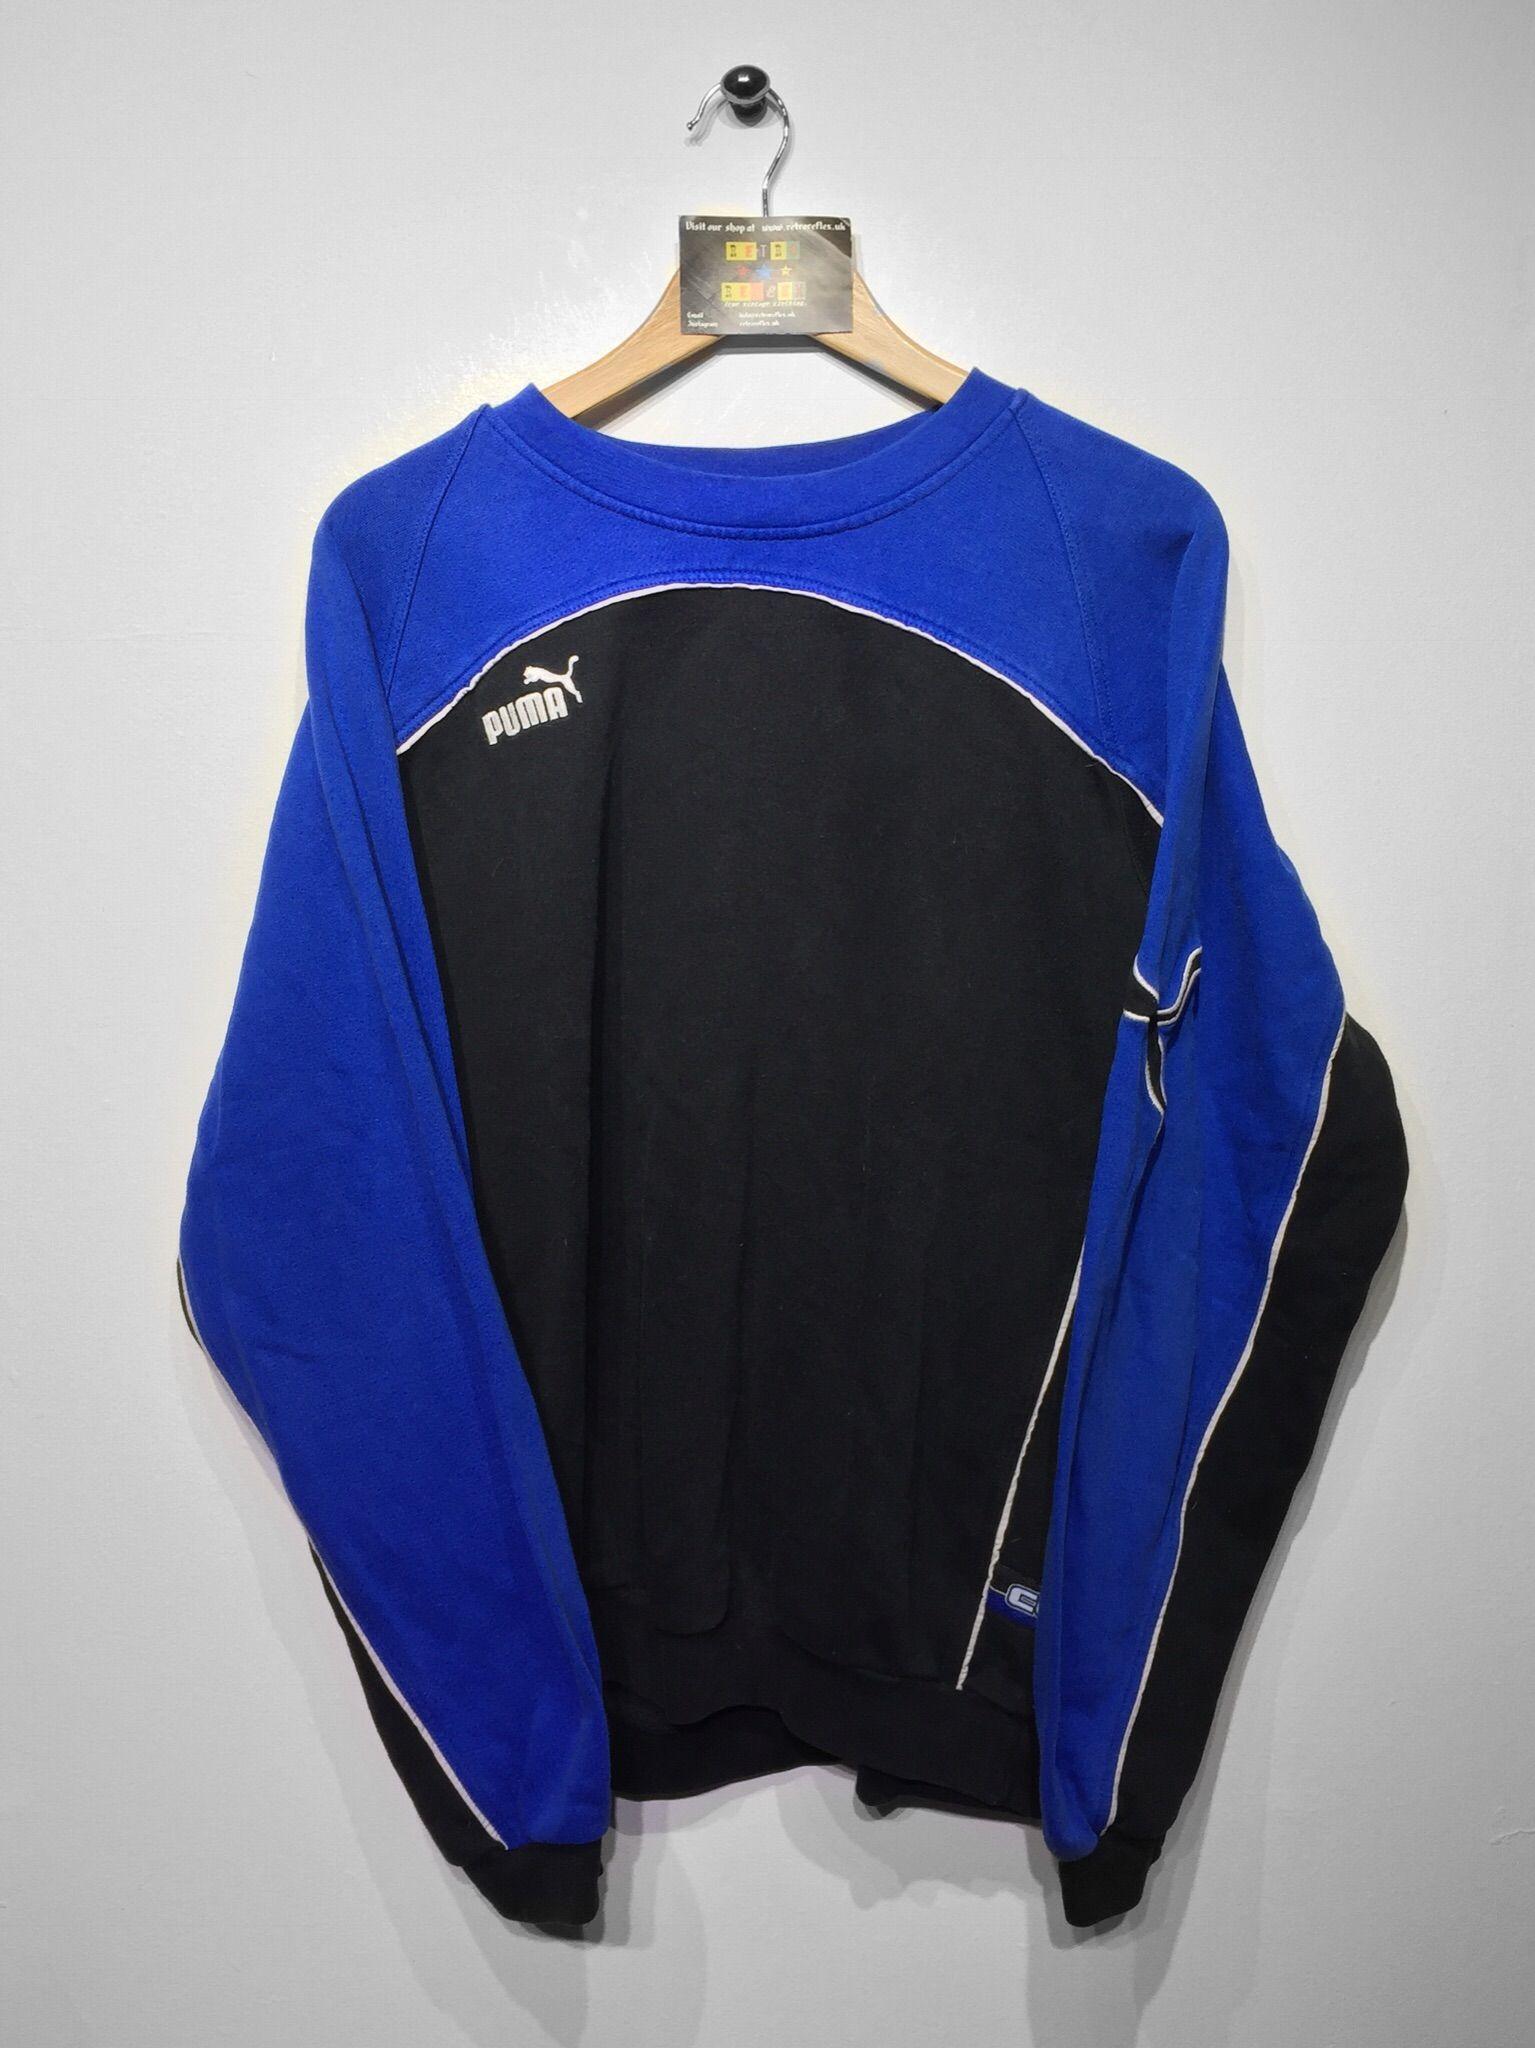 Puma Sweatshirt size XLarge (but Fits Oversized) £32